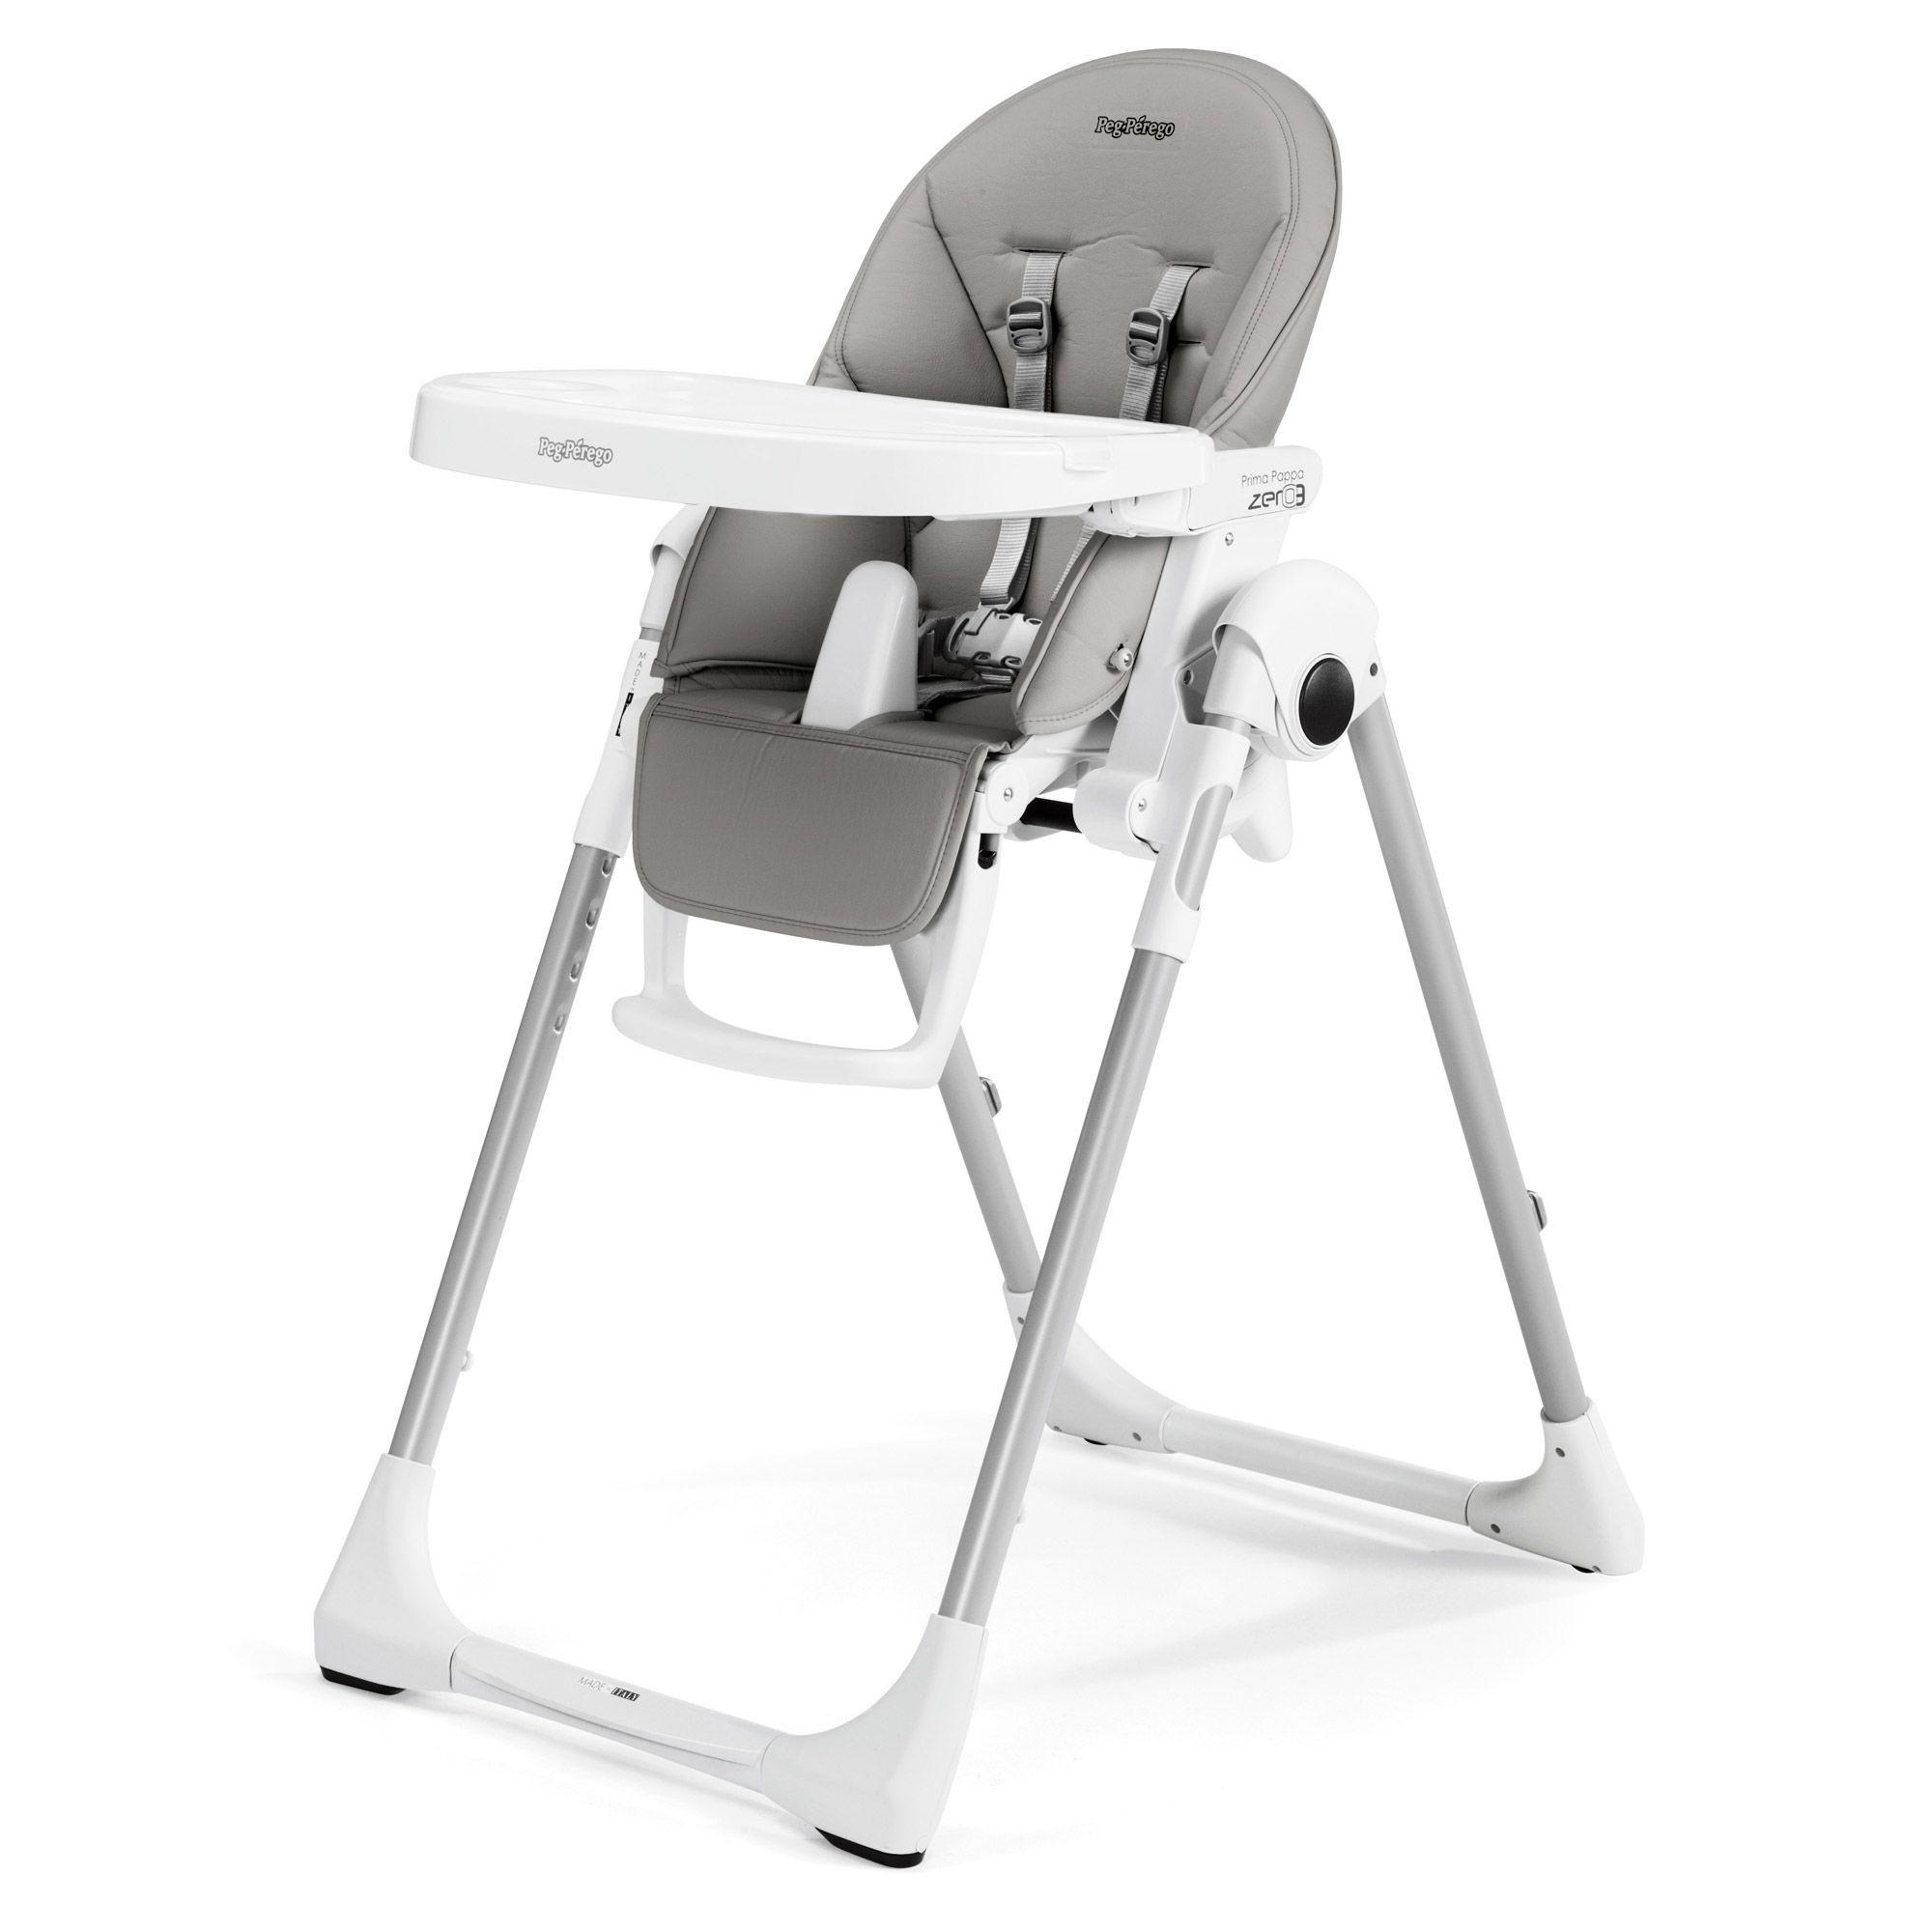 chaise haute peg perego prima pappa zero3